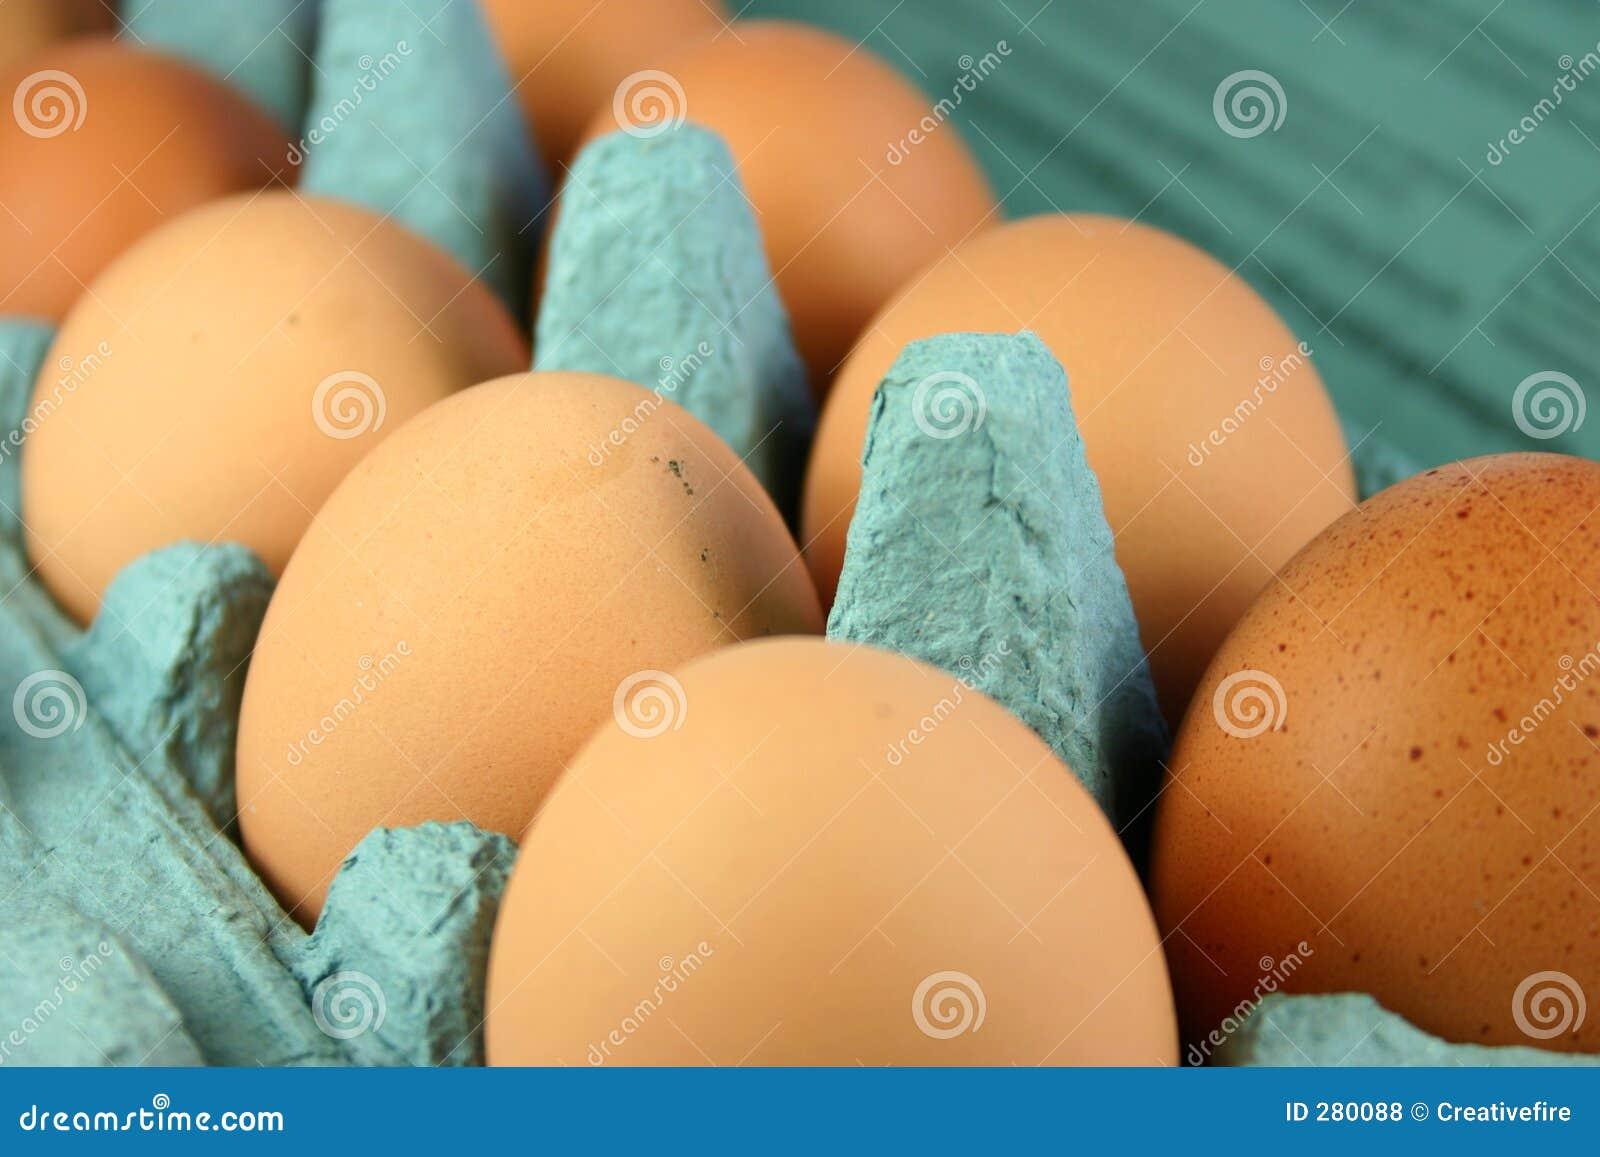 Uova in scatola